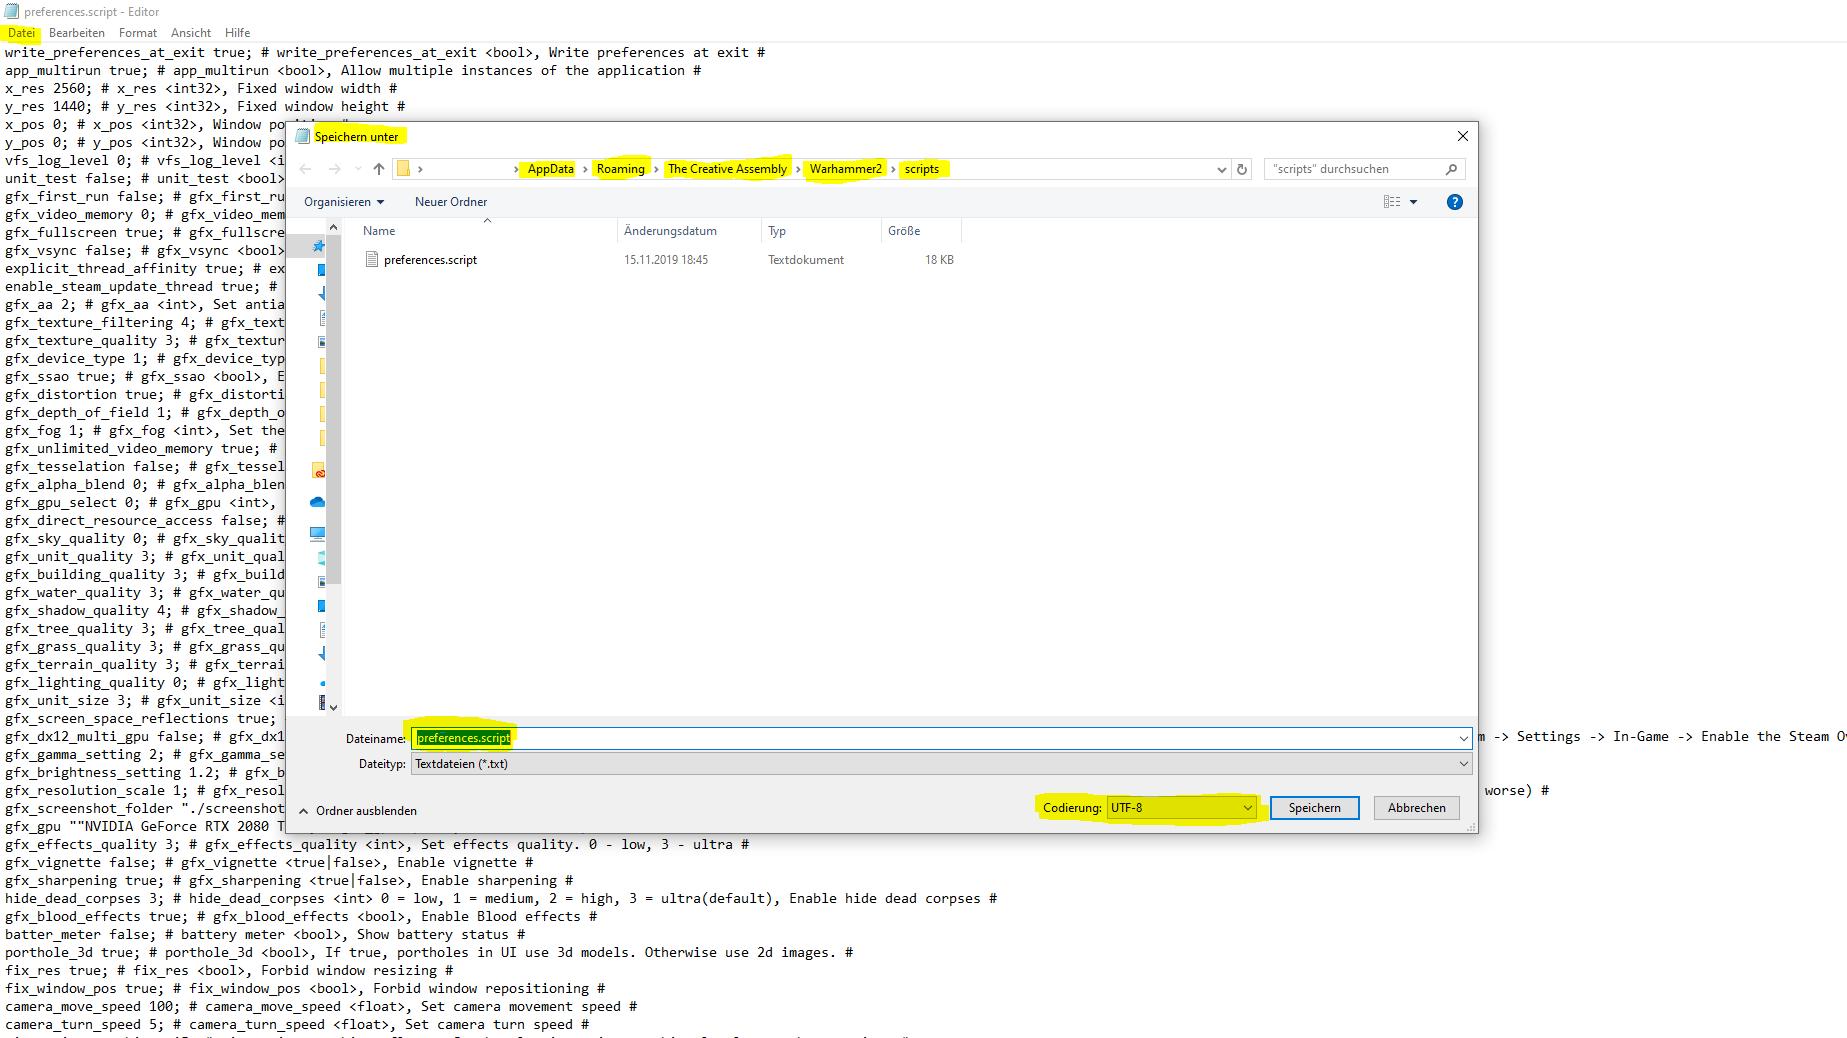 Total-War-WARHAMMER-2-preferences-script-Datei-erstellen